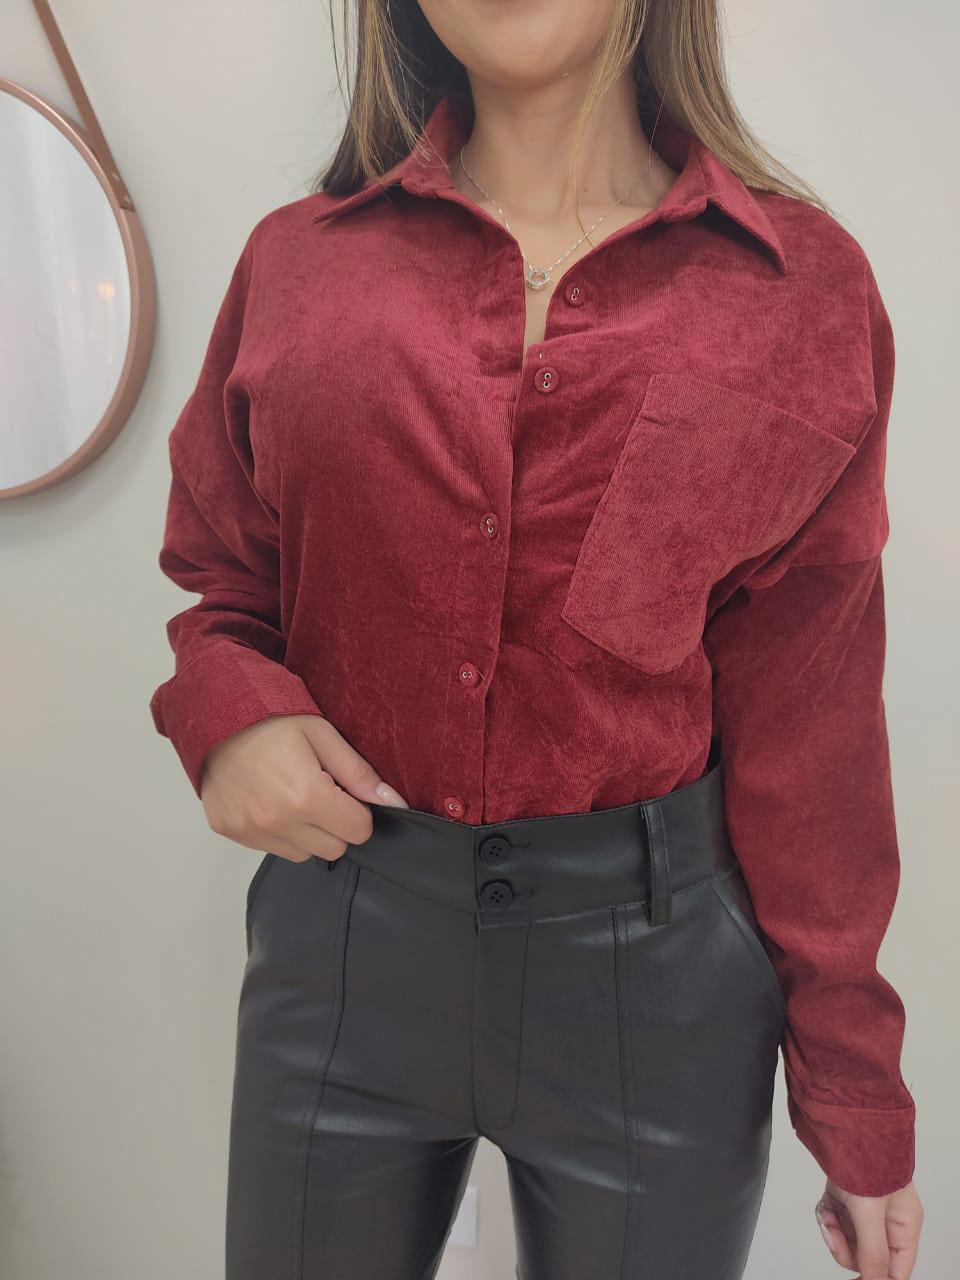 Camisa Aveludada JNY 09 Marsala